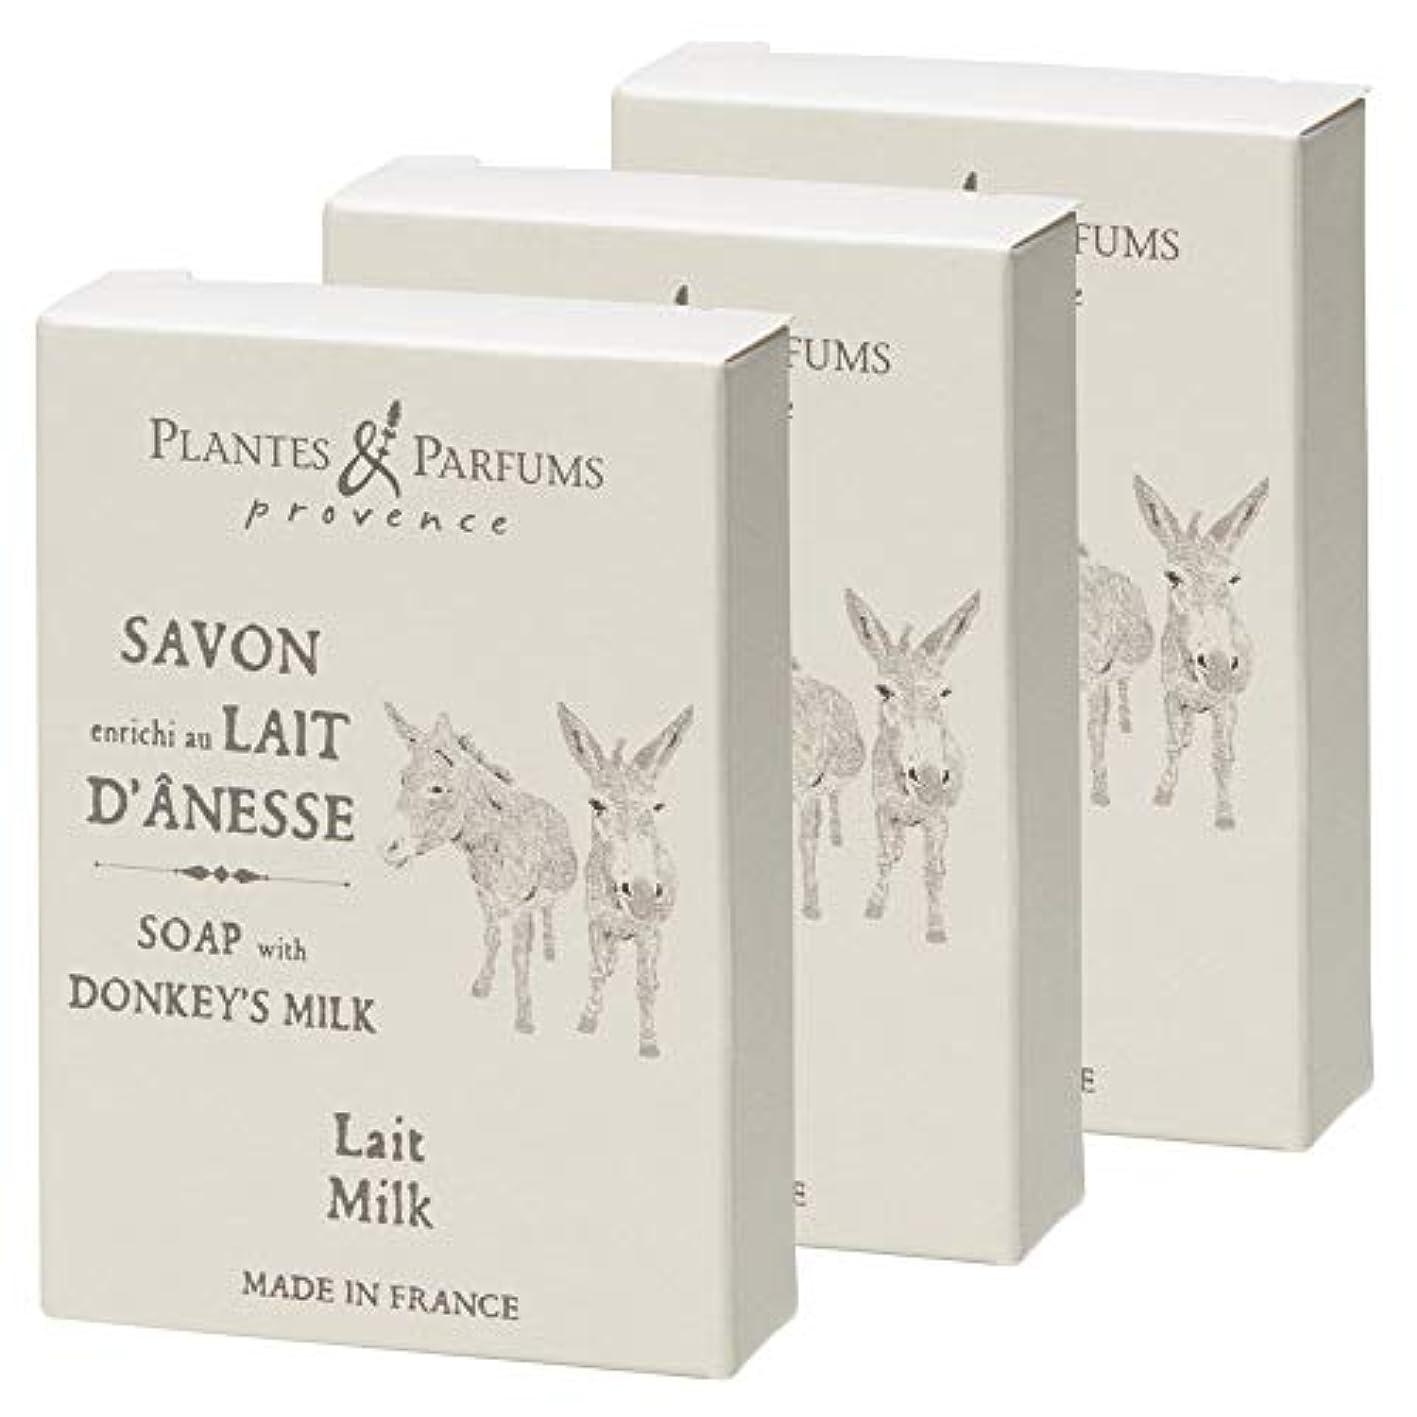 理容室売る慈悲フランスお土産 プランツ&パルファム ロバミルクソープ 3個セット